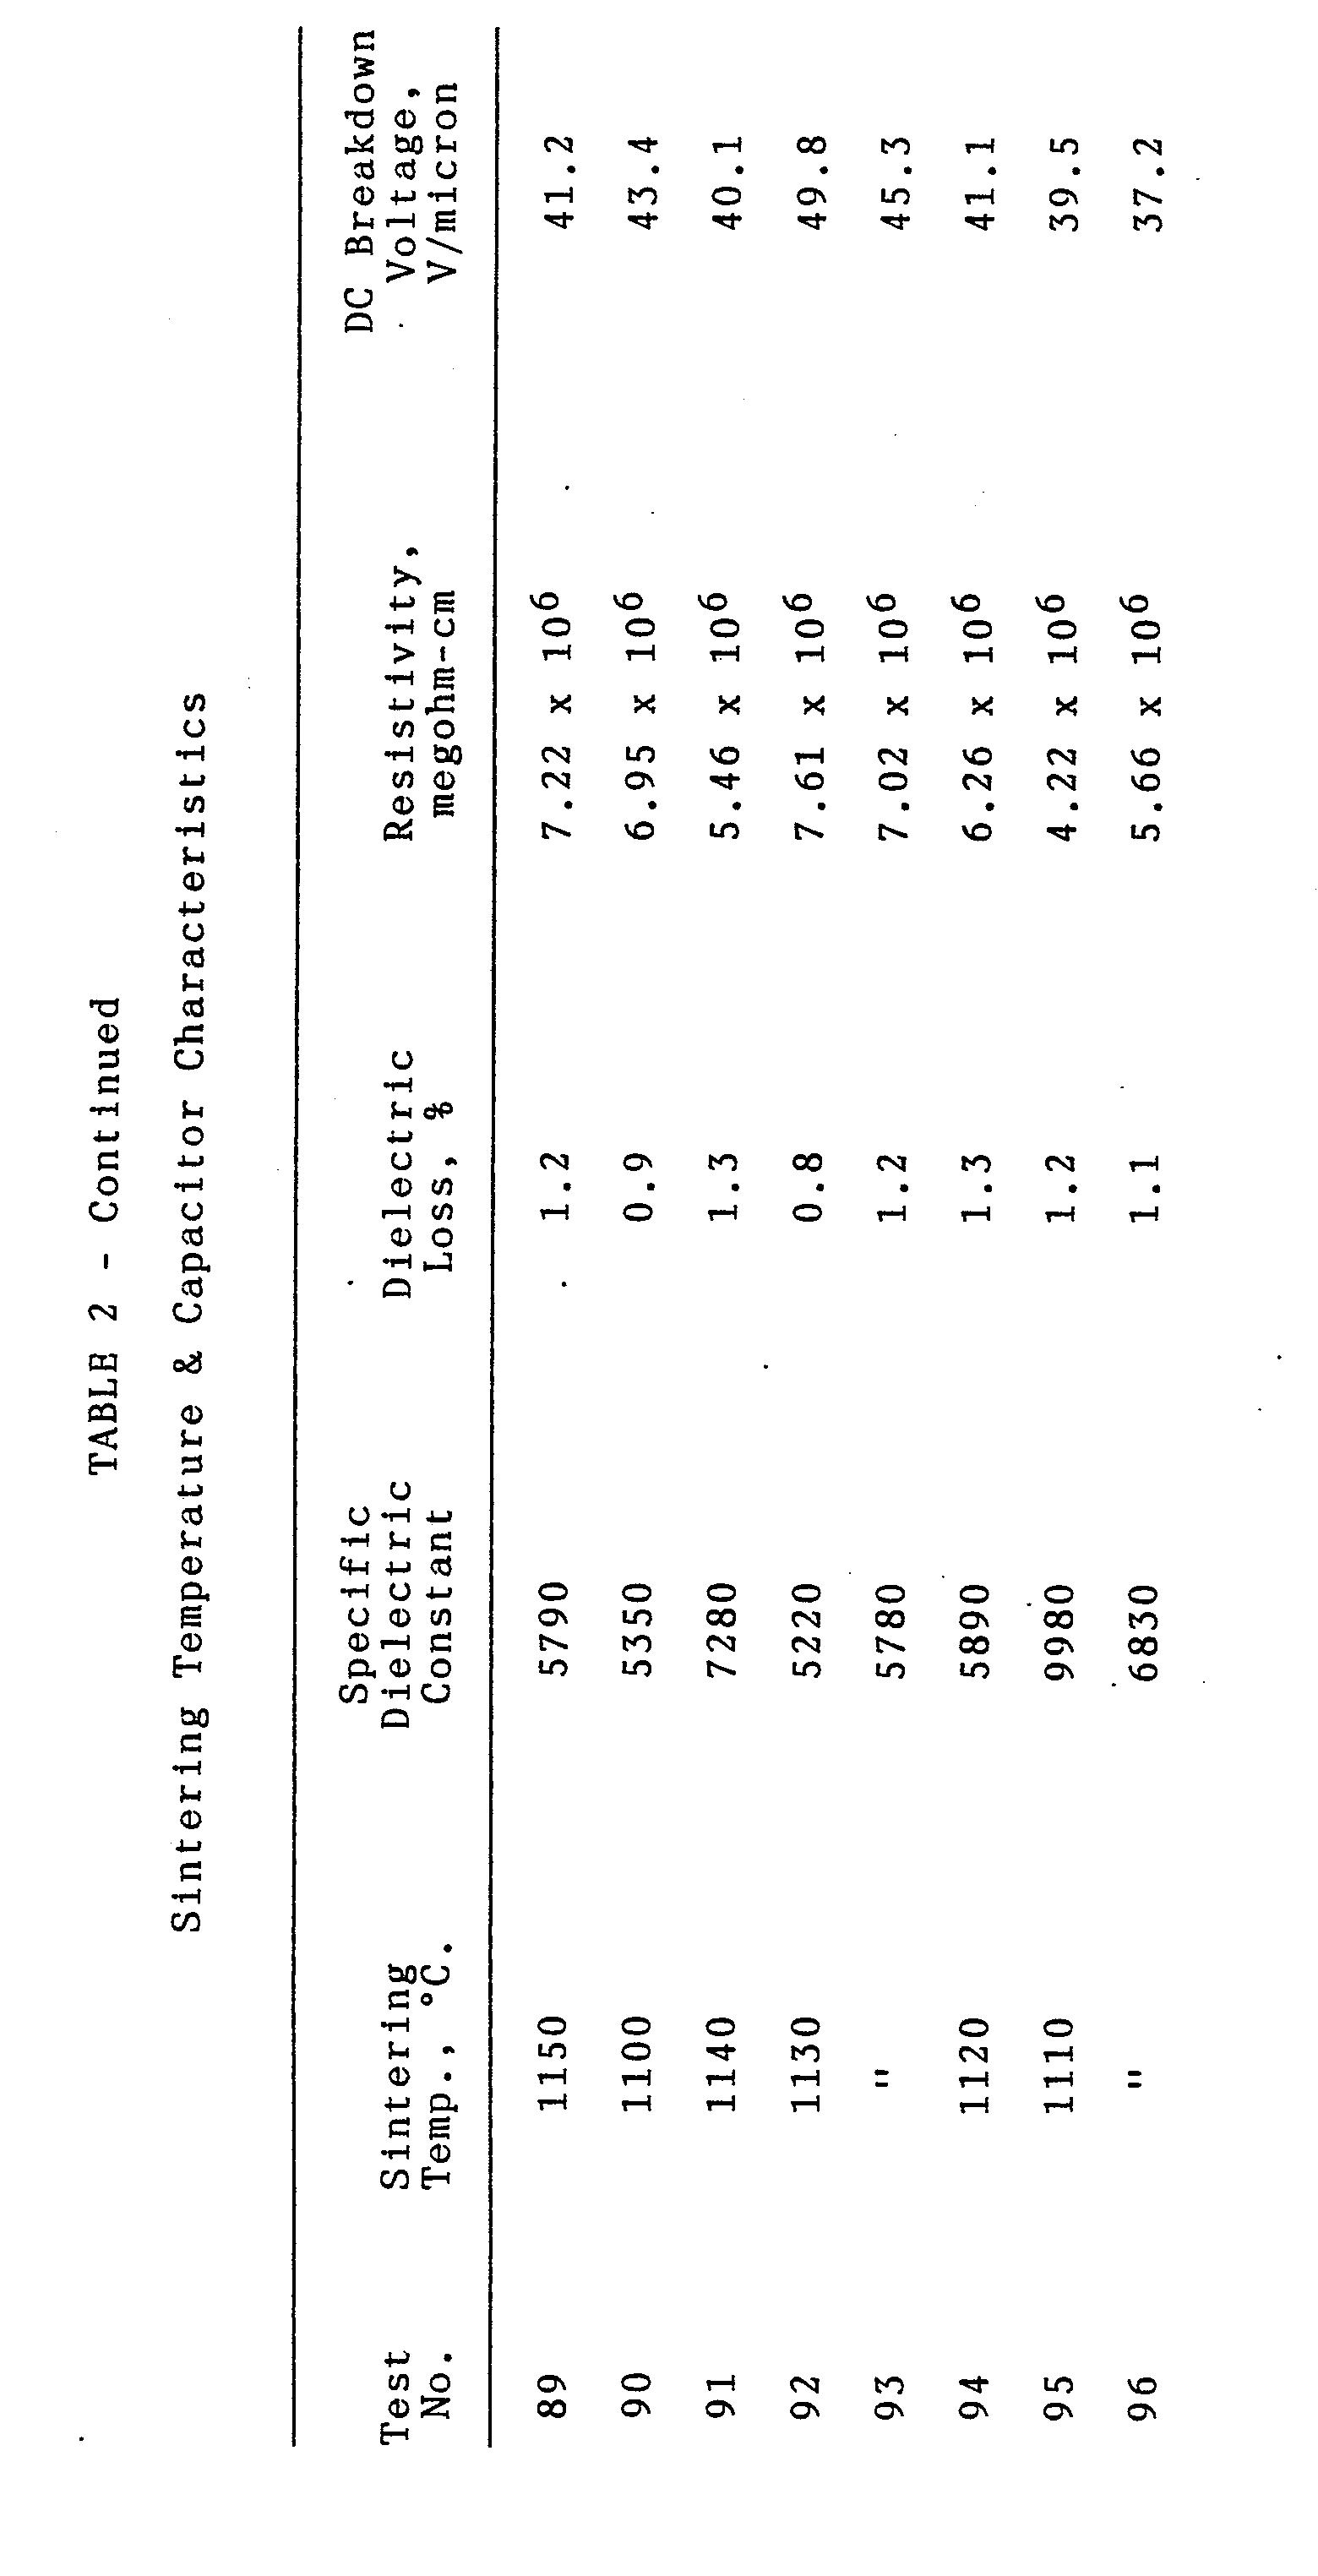 capacitor breakdown voltage temperature relationship